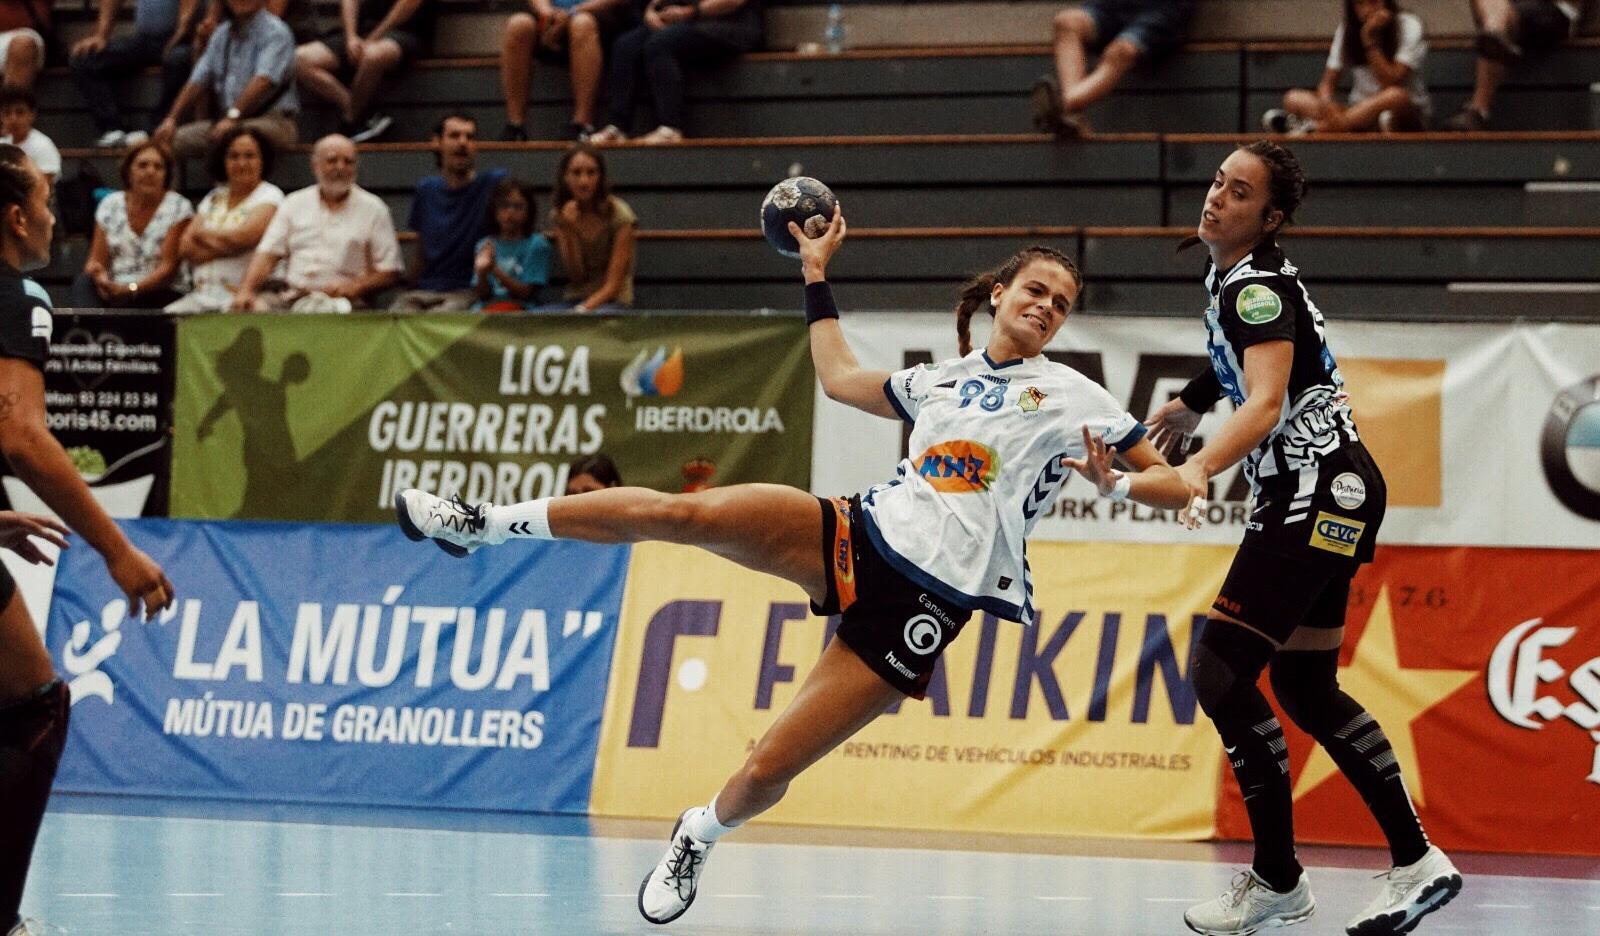 """Martina Capdevila: """"Des de petita he tingut clar que una jugadora d'handbol no pot viure d'aquest esport"""" 5"""